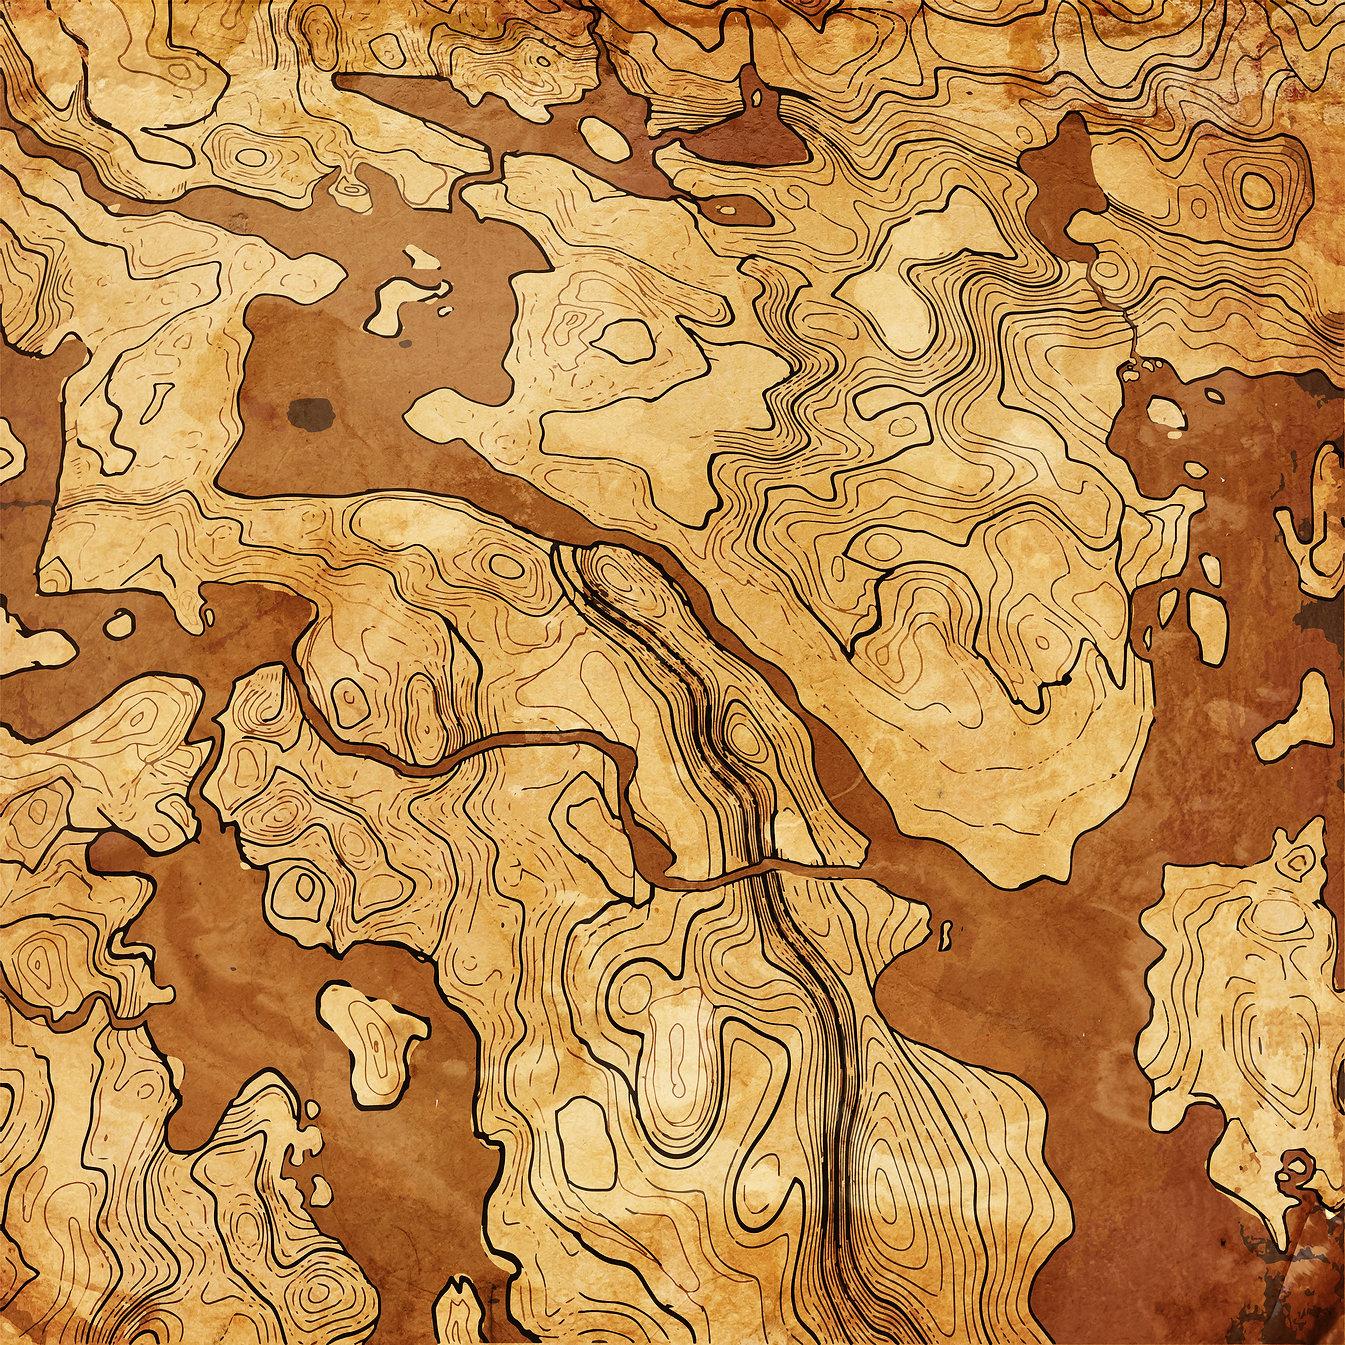 FLUIDSCAPES MAP